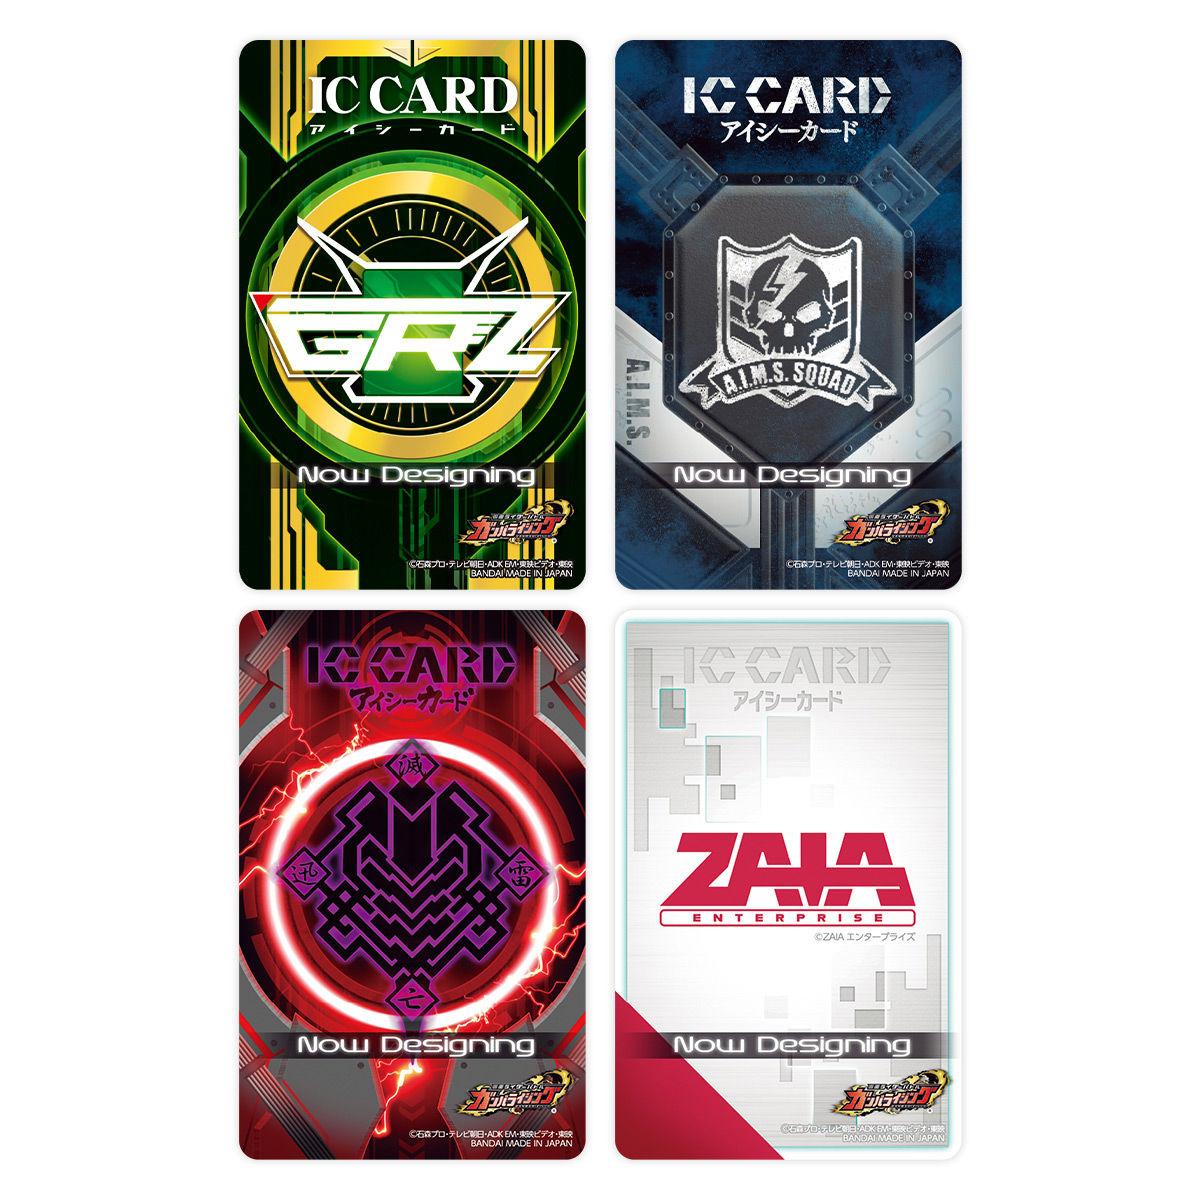 【限定販売】仮面ライダー『ガンバライジング9ポケットバインダーセット バーストライズ01』データカードダス-004